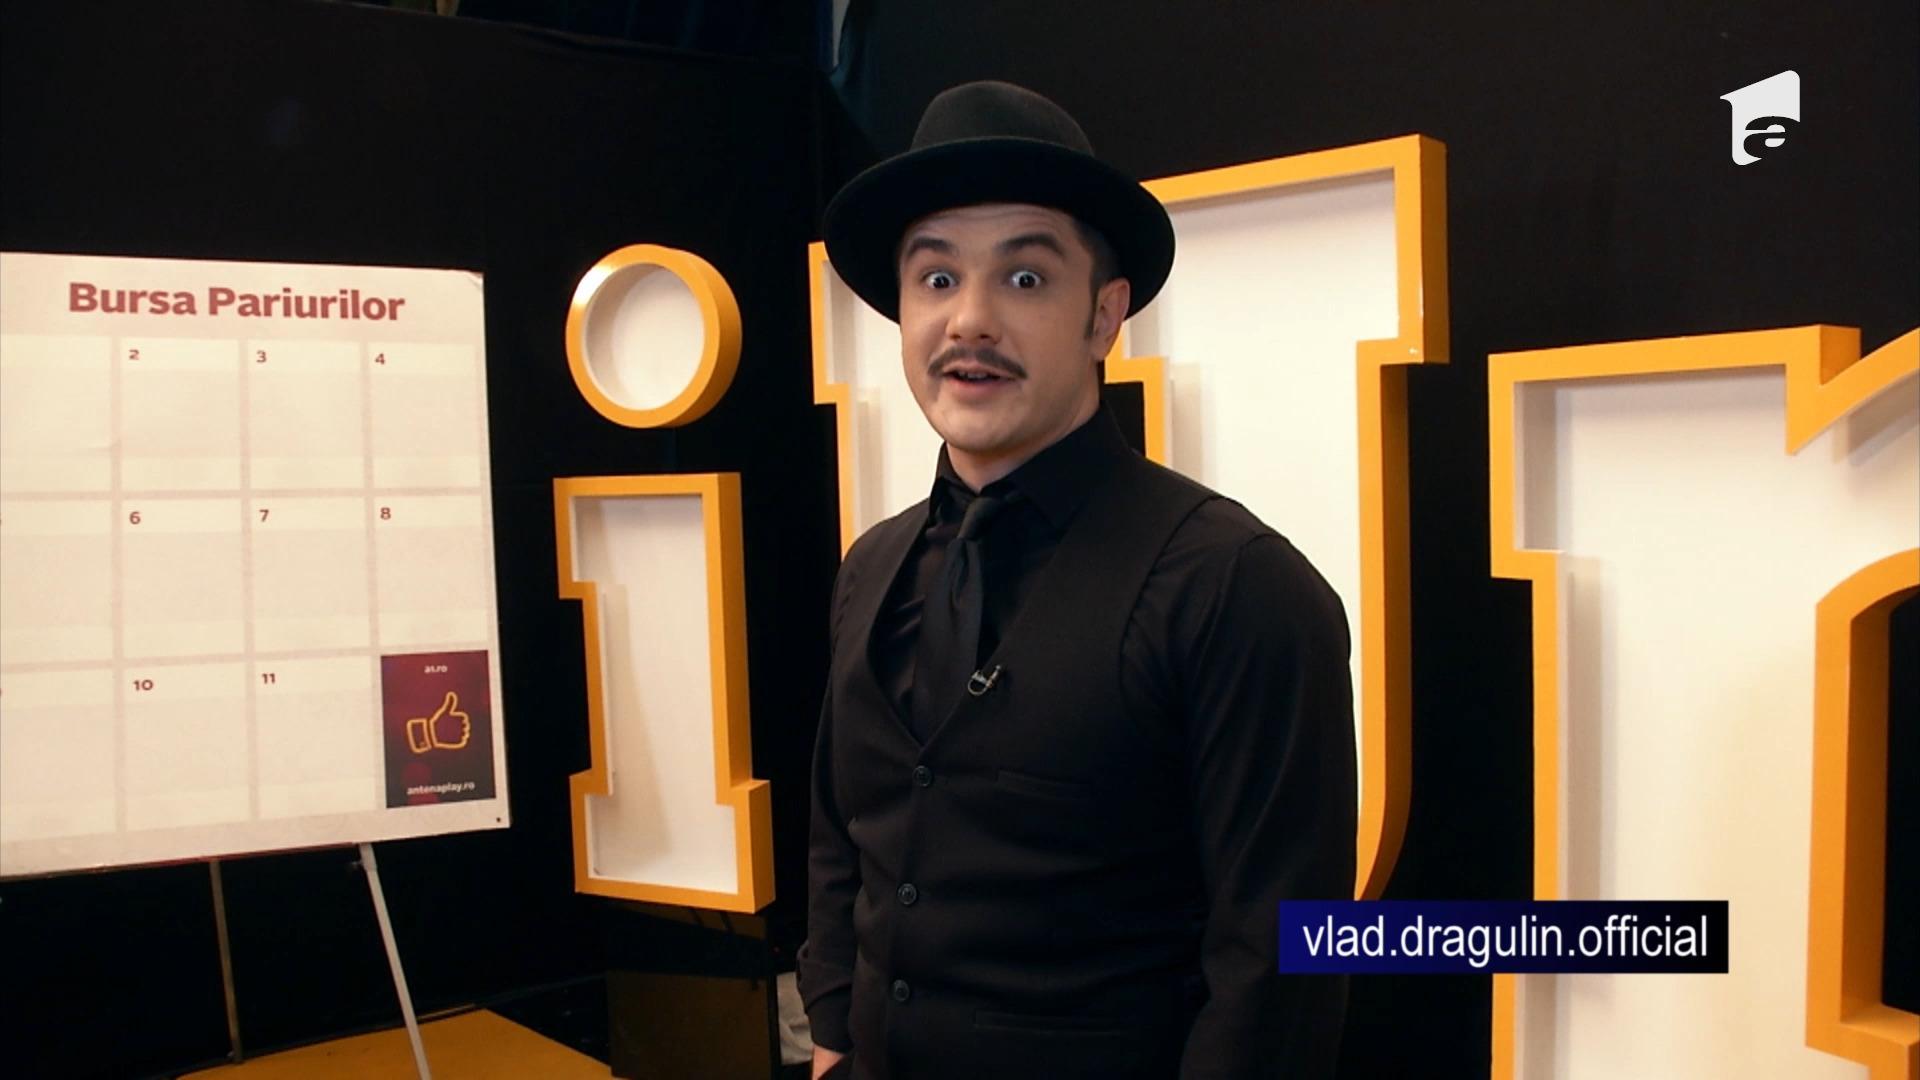 Vlad Drăgulin prezintă iMai mult Umor, episodul 15. Hai să vezi ce surprize din culise a pregătit!